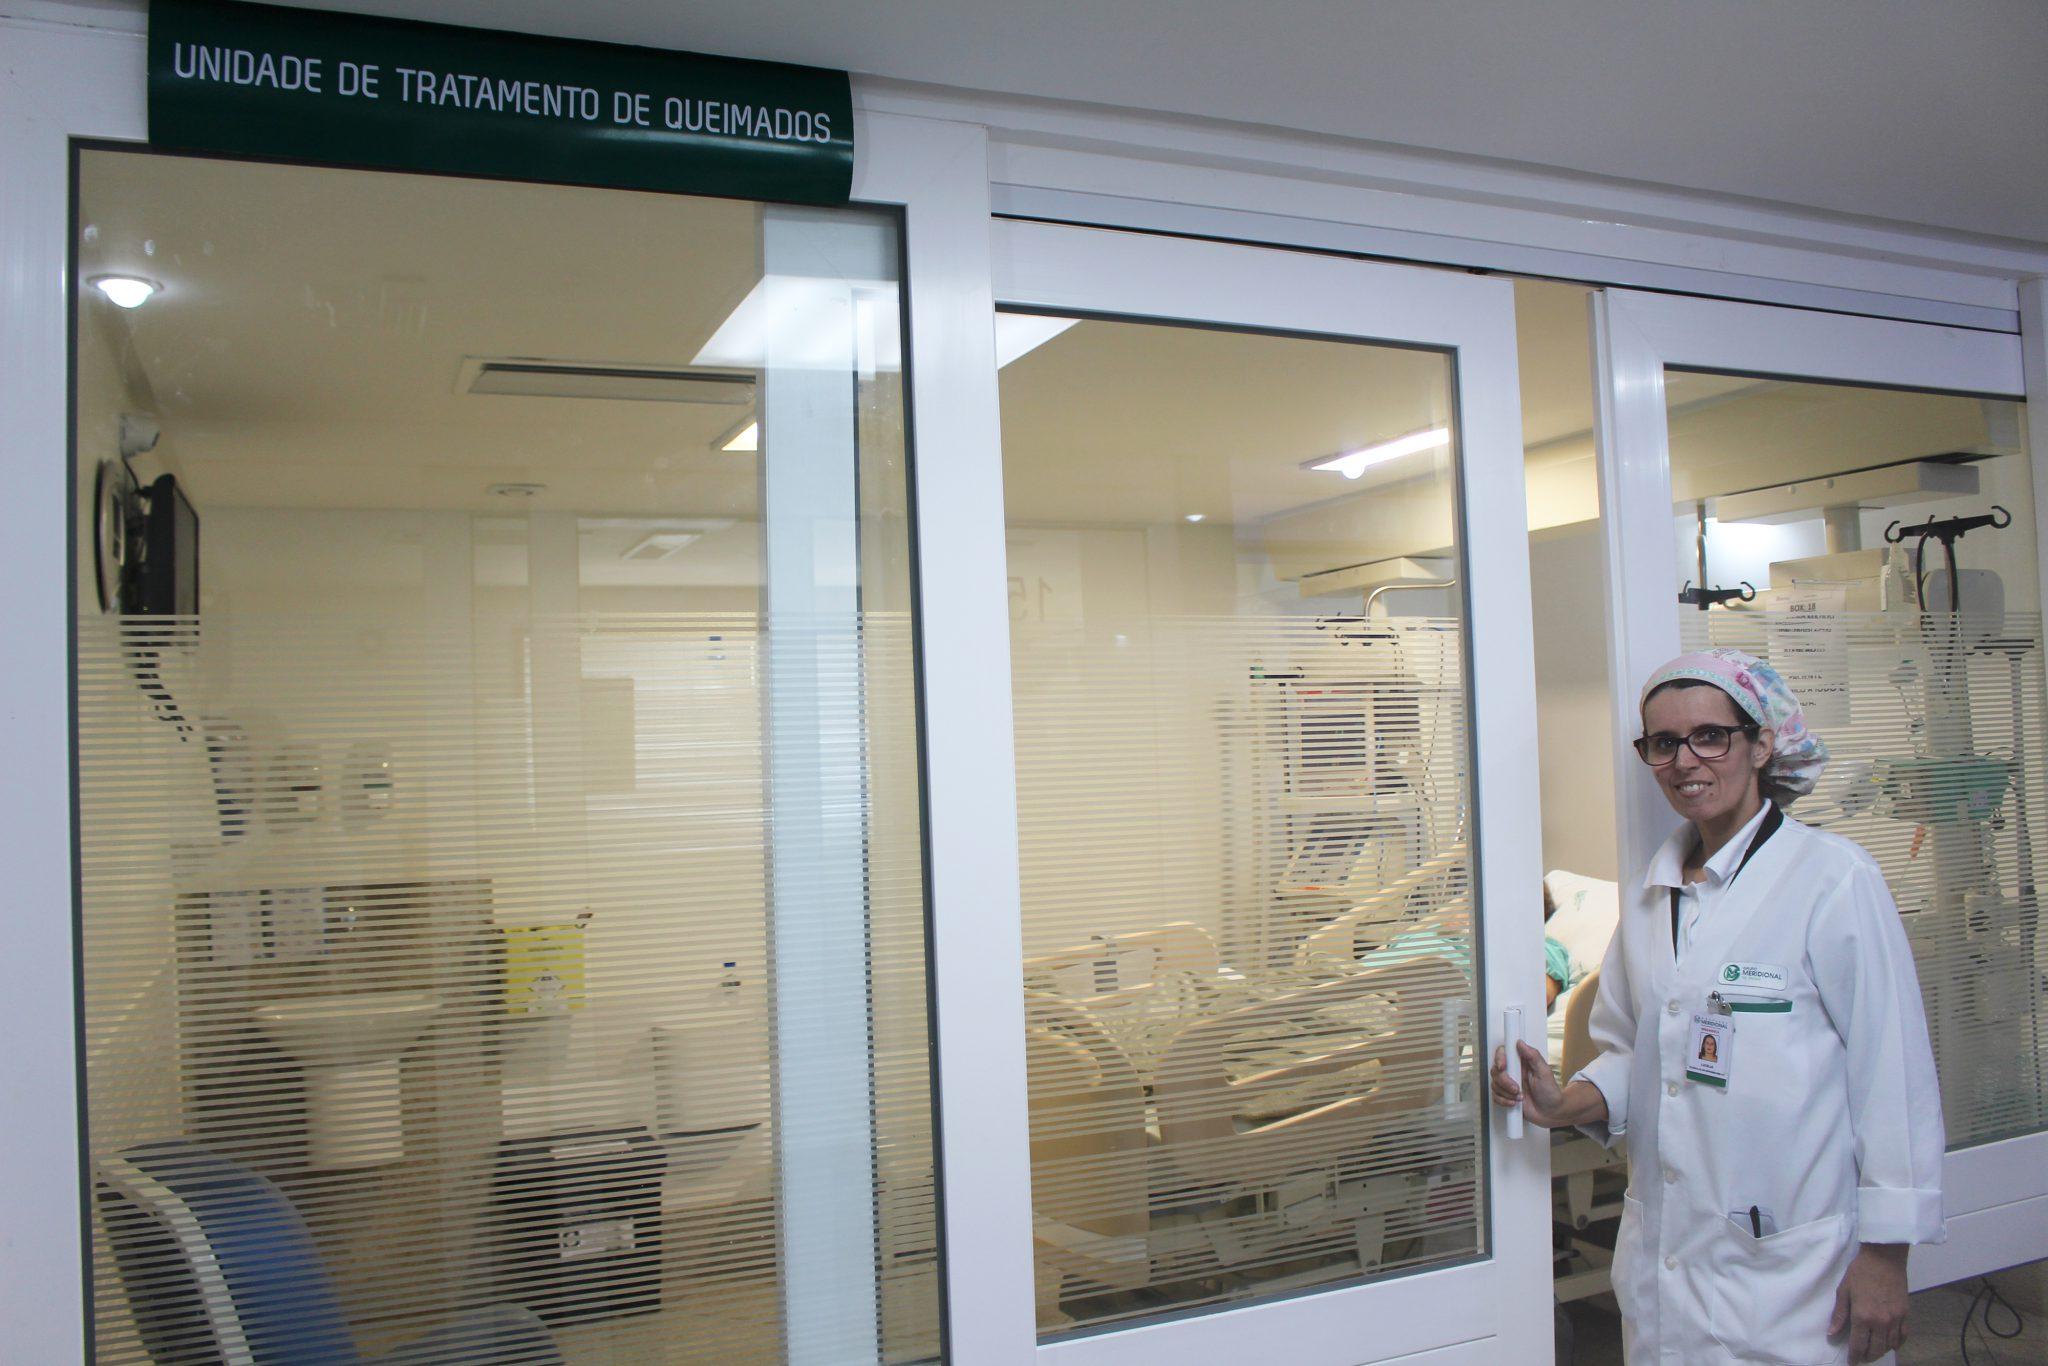 hospital-meridional-inaugura-unidade-de-tratamento-de-queimados